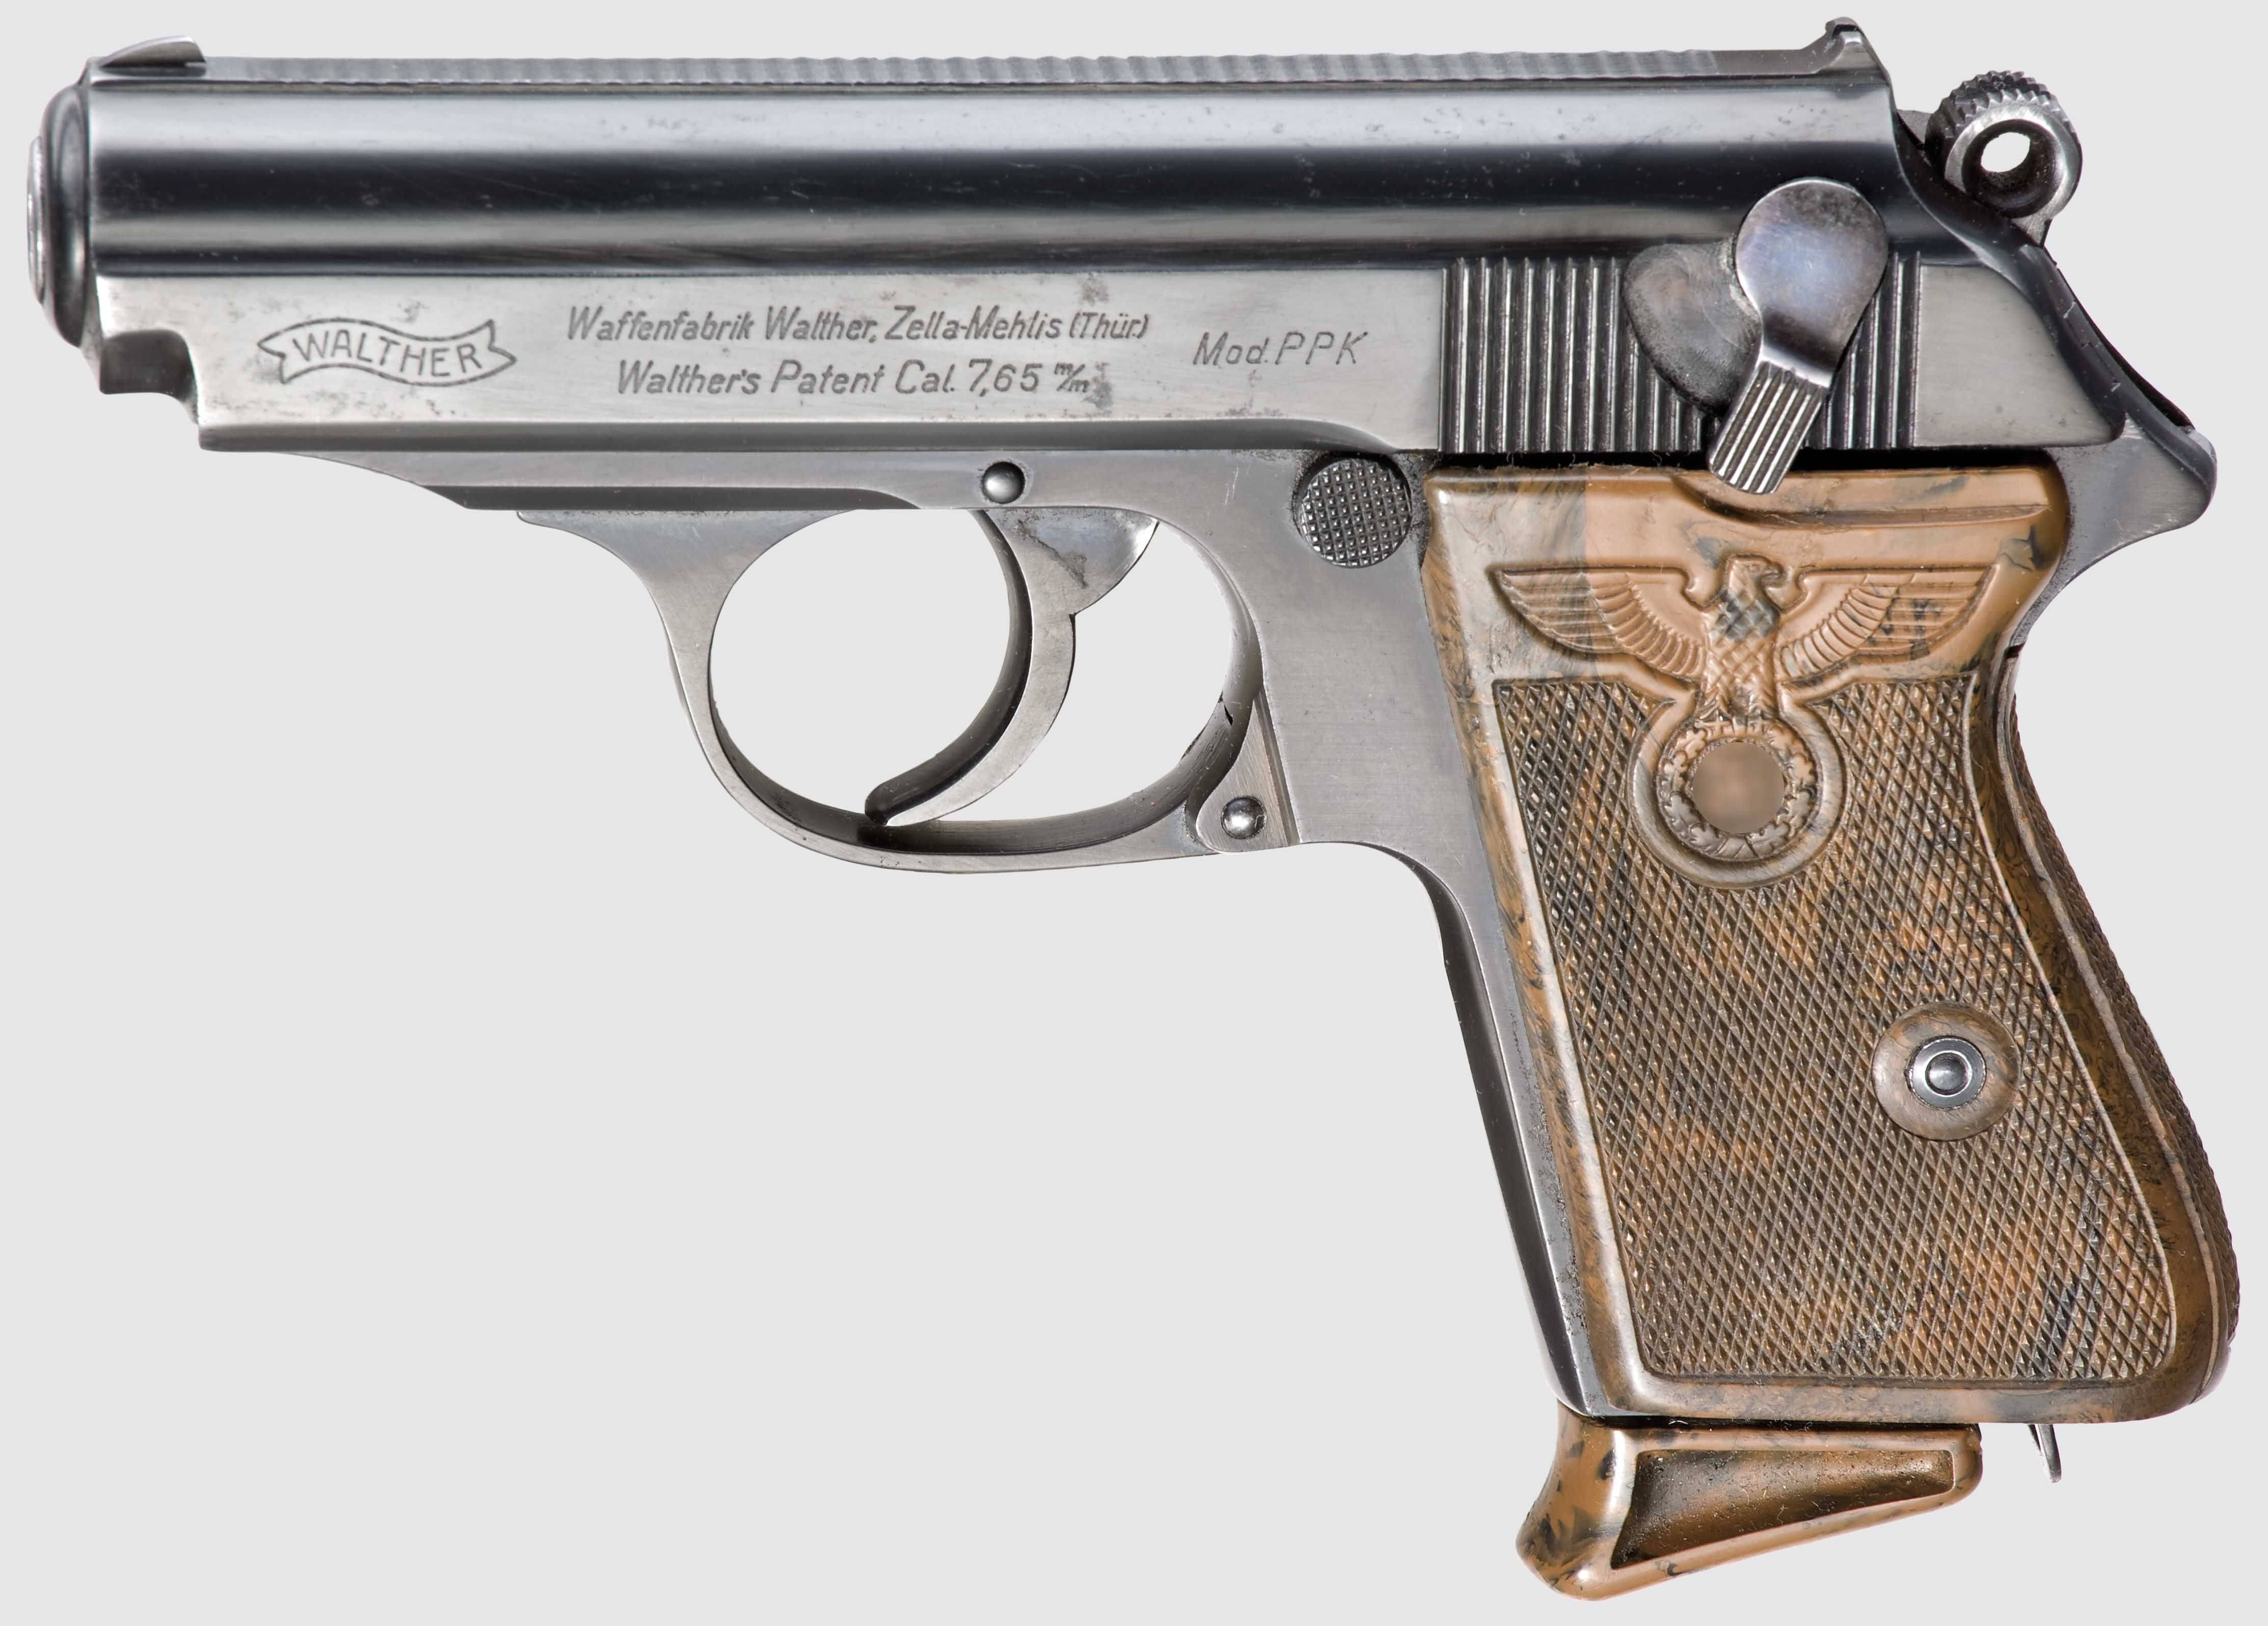 Немецкий пистолет вальтер: основные характеристики и обзор модификаций. - презентация